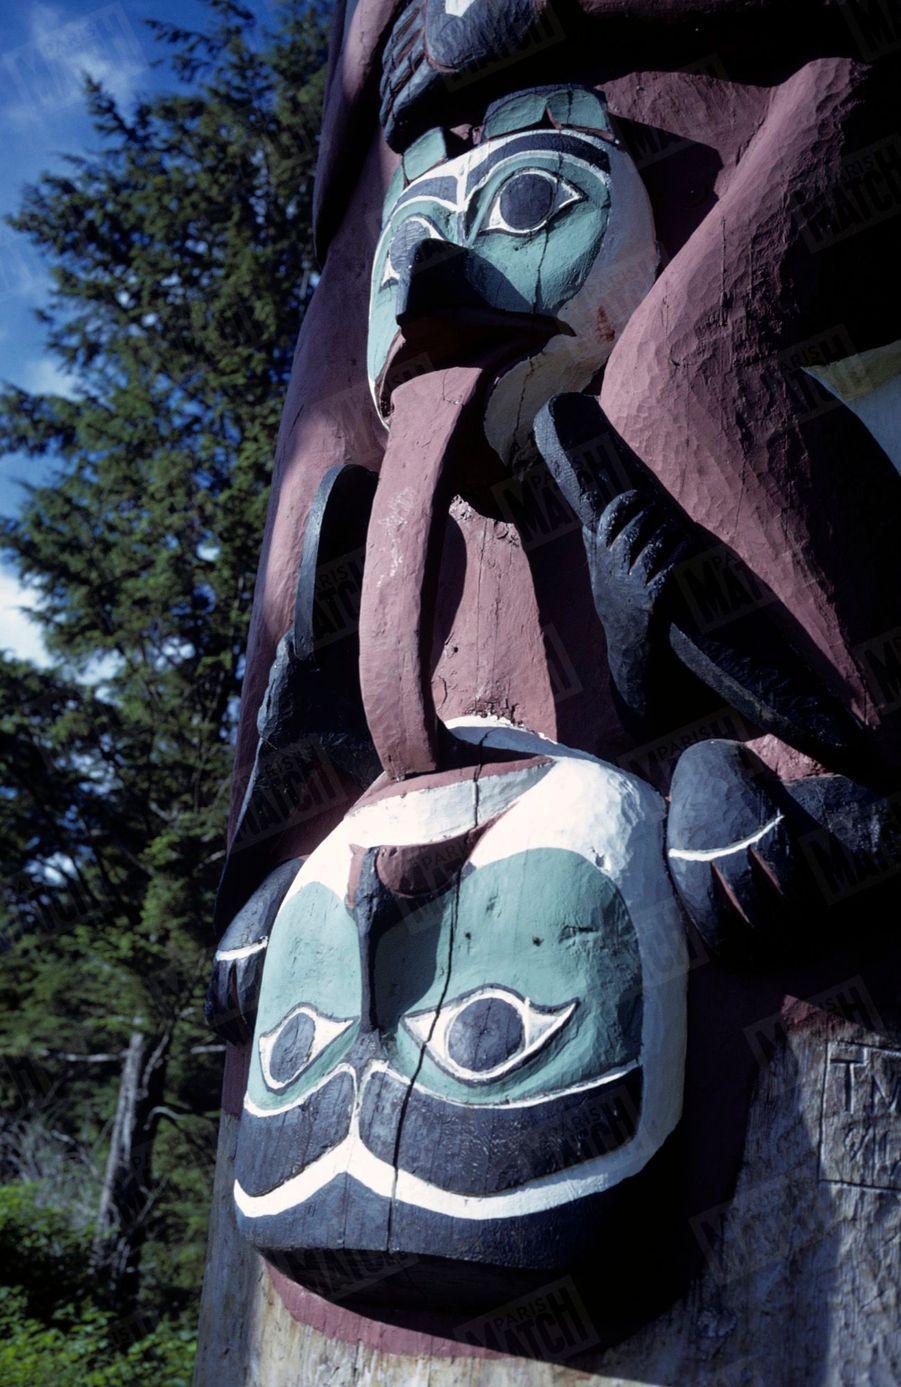 « La tribu Atabaskan symbolisait en fait, par cette sculpture, l'alliance de deux familles : les grenouilles et les corbeaux. » - Paris Match n°1063, 20 septembre 1969